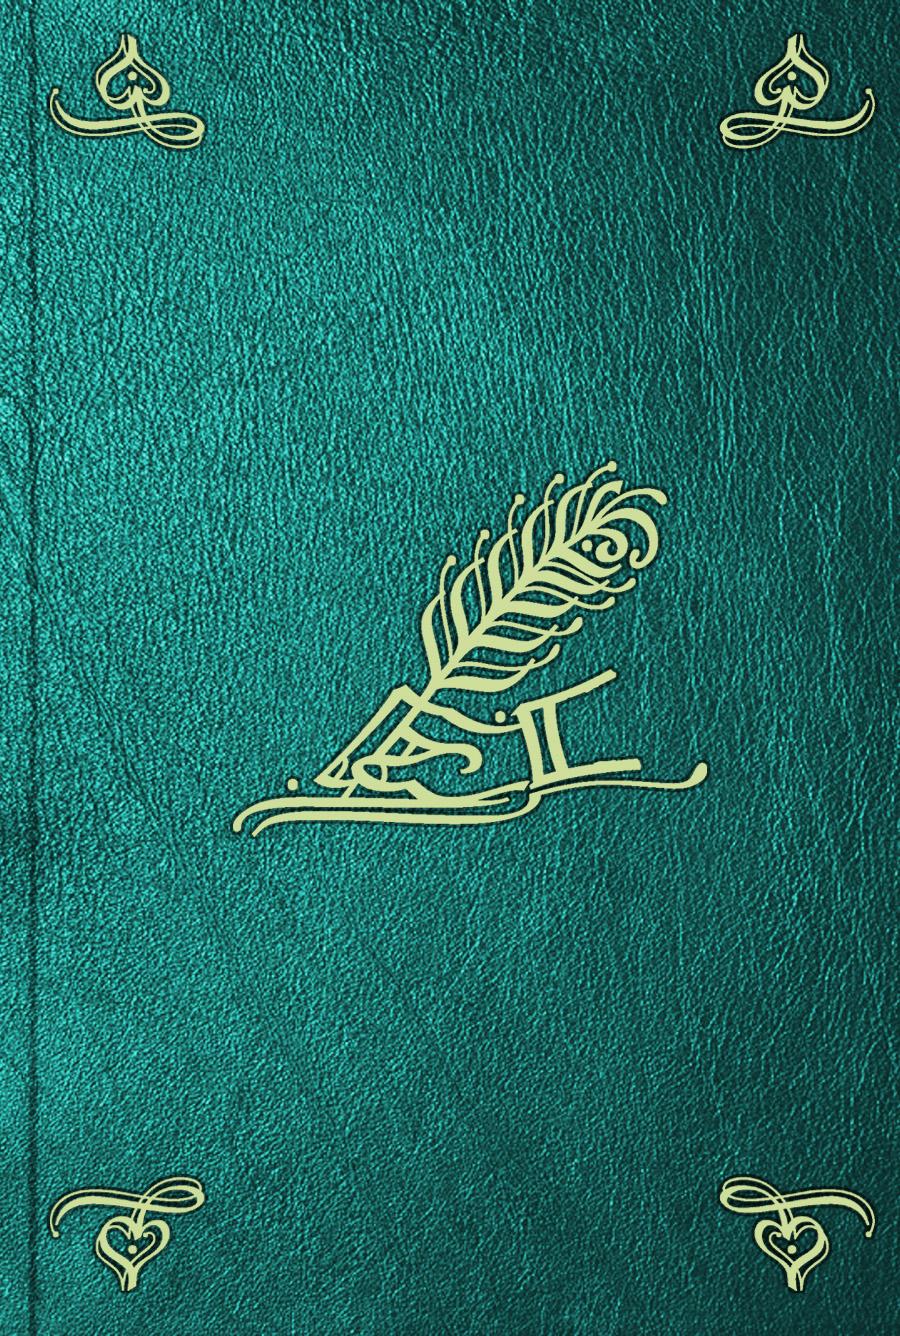 Comte de Buffon Georges Louis Leclerc Histoire naturelle. T. 8. Oiseaux comte de buffon georges louis leclerc histoire naturelle t 6 oiseaux